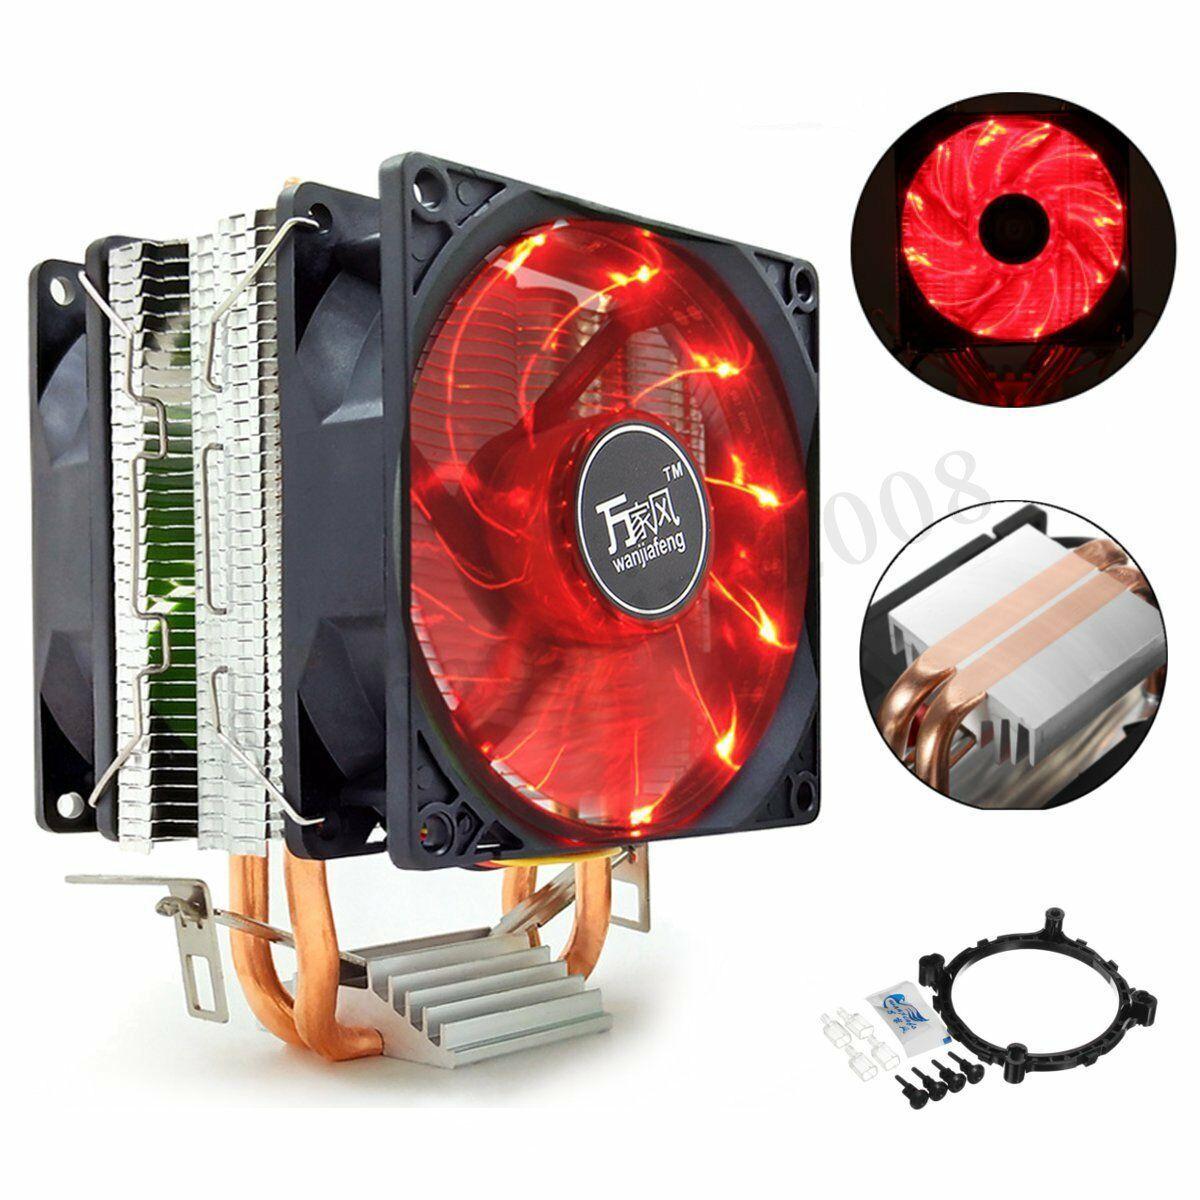 Cpu Fans And Heat Sinks 131486 Cpu Air Cooler Dual Fan 2 Heatpipes Cooling Heatsink For Intel Amd Am 3 4 Ryzen Buy It Now Only Heatsink Fans For Sale Ebay